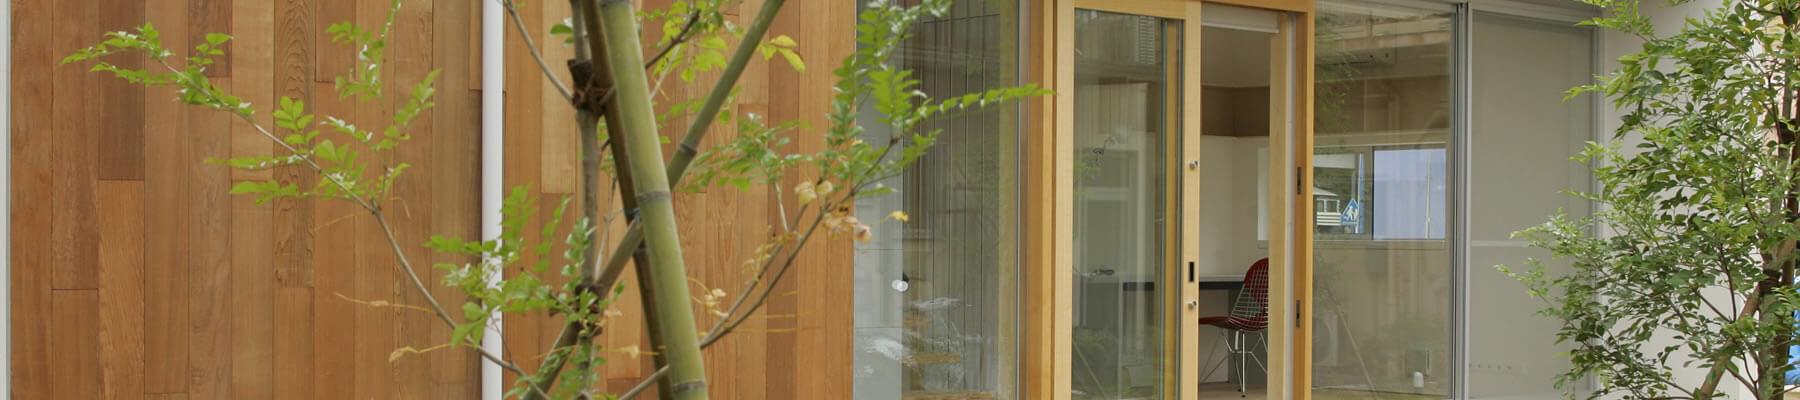 トピックス|安水建設|愛知県安城市を中心に三河エリアの木造注文住宅・リフォーム